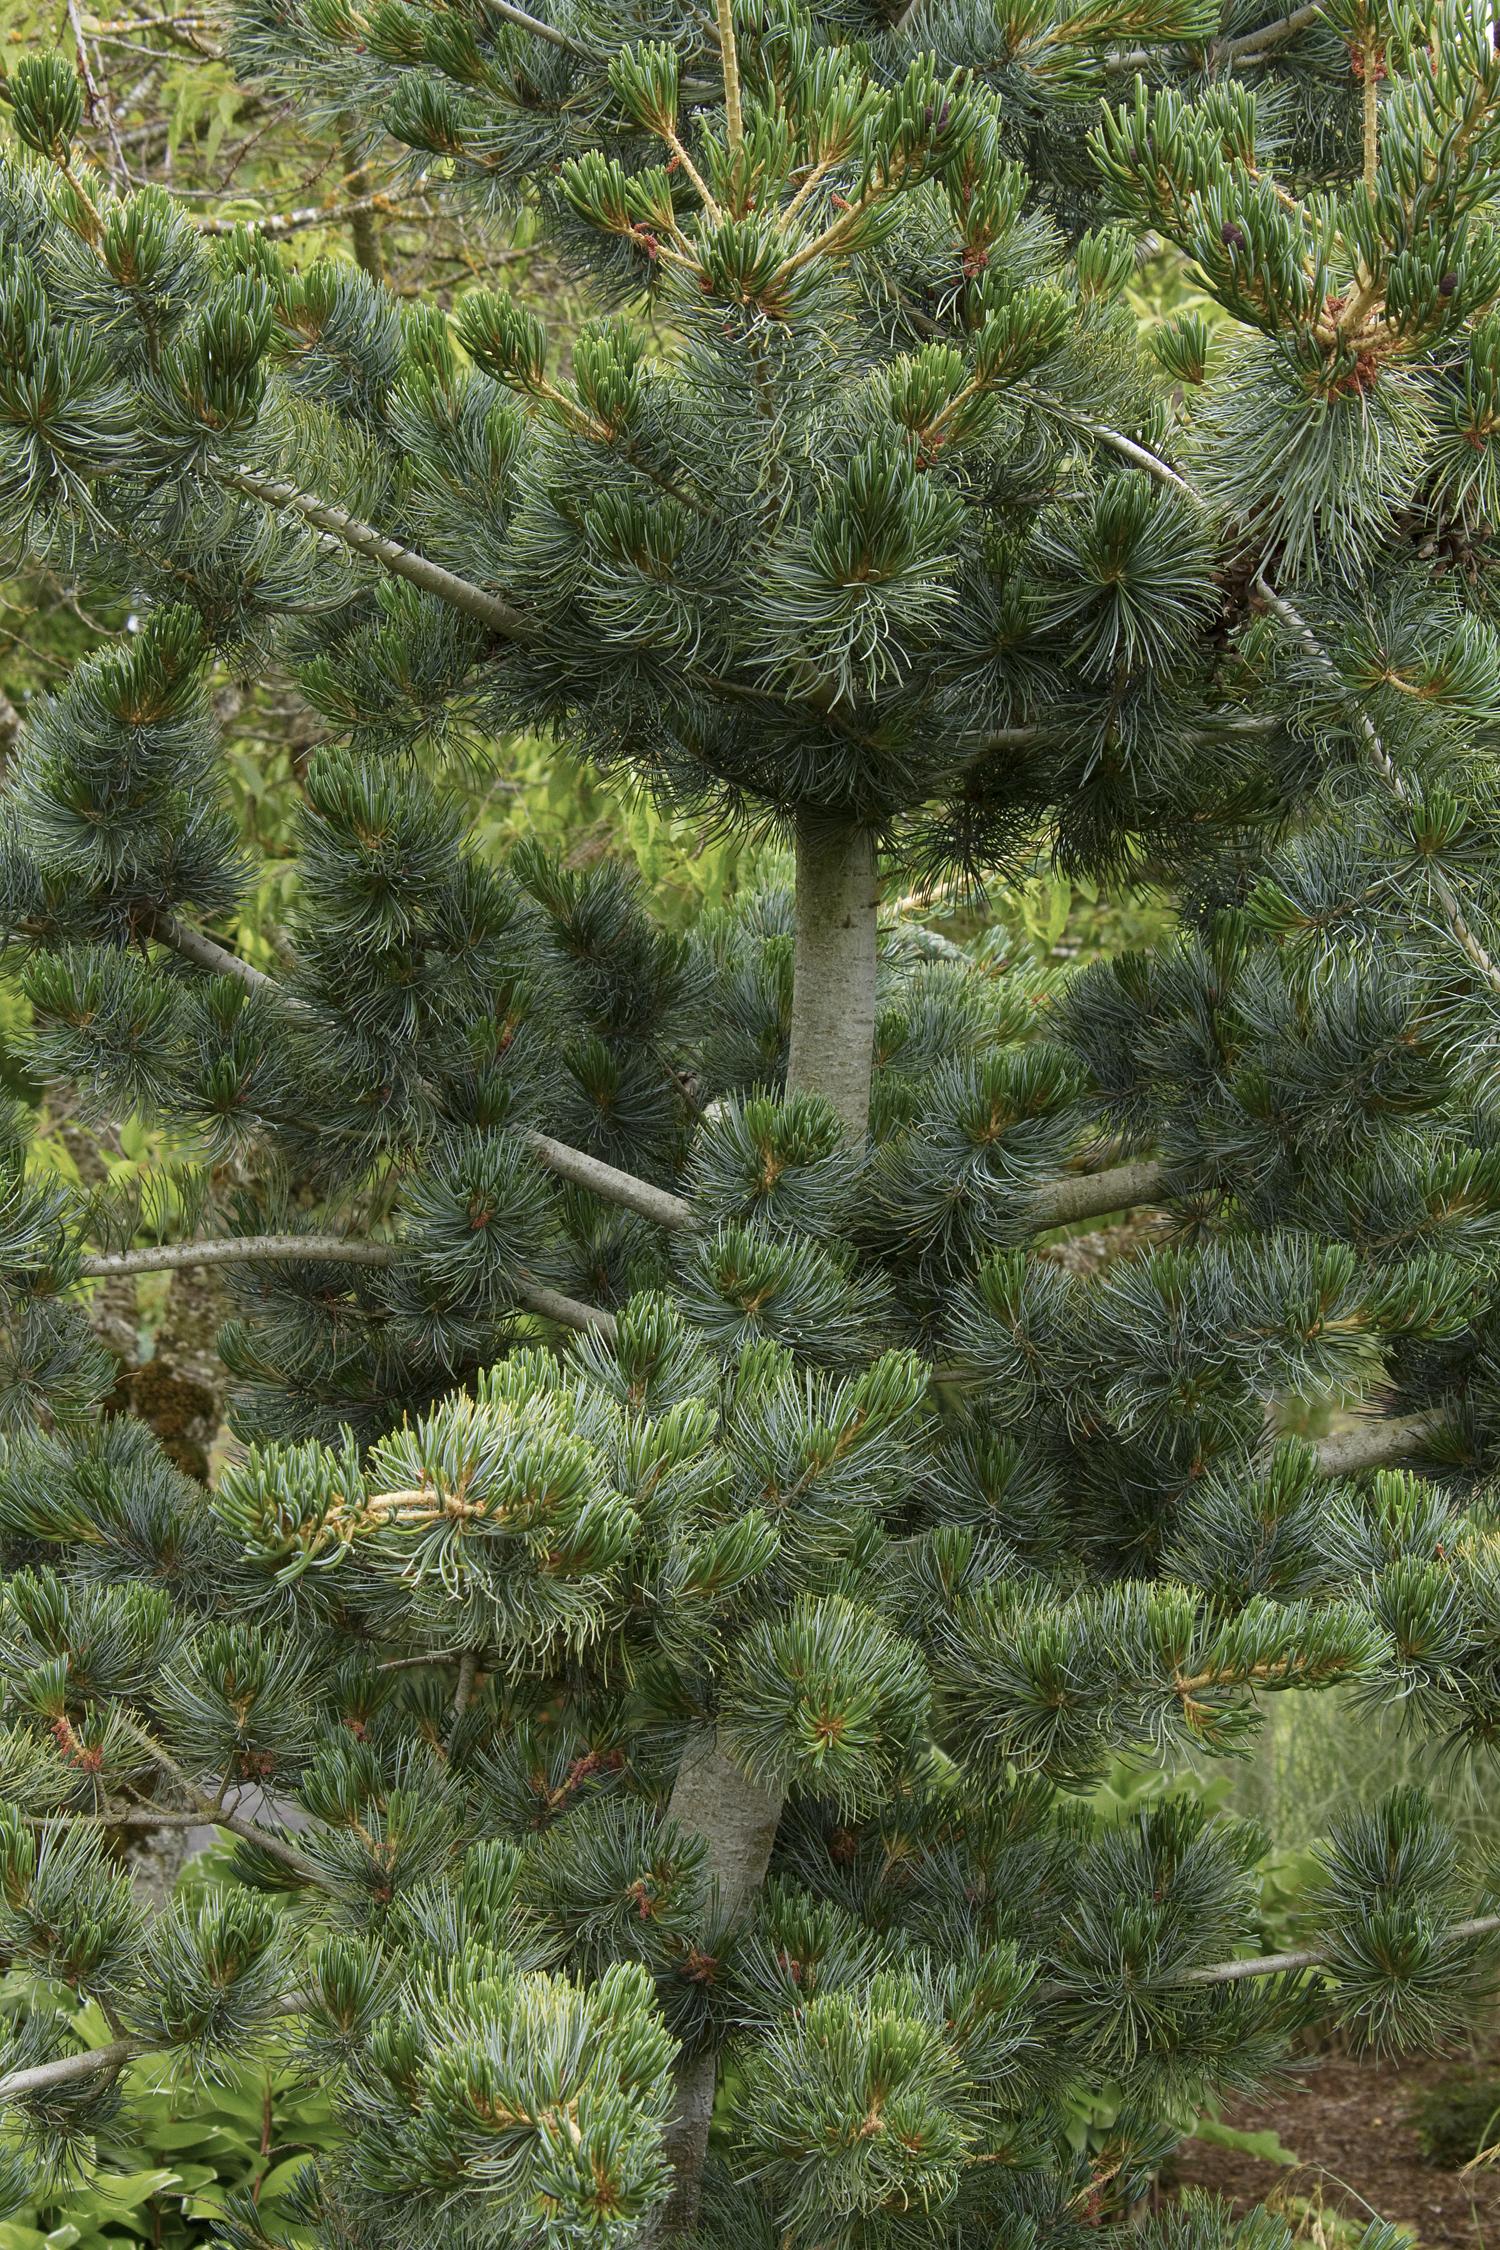 Japanese white pine photo